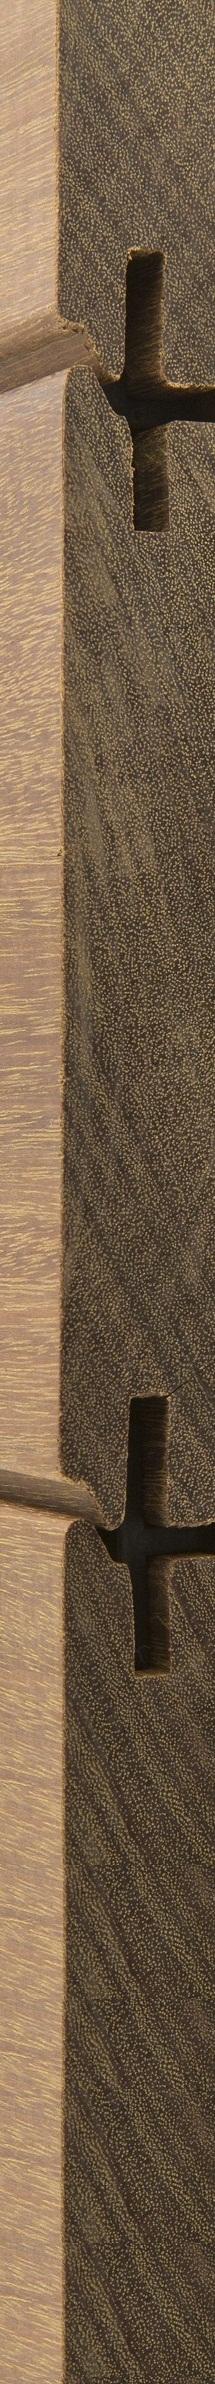 houtsoortenensecties